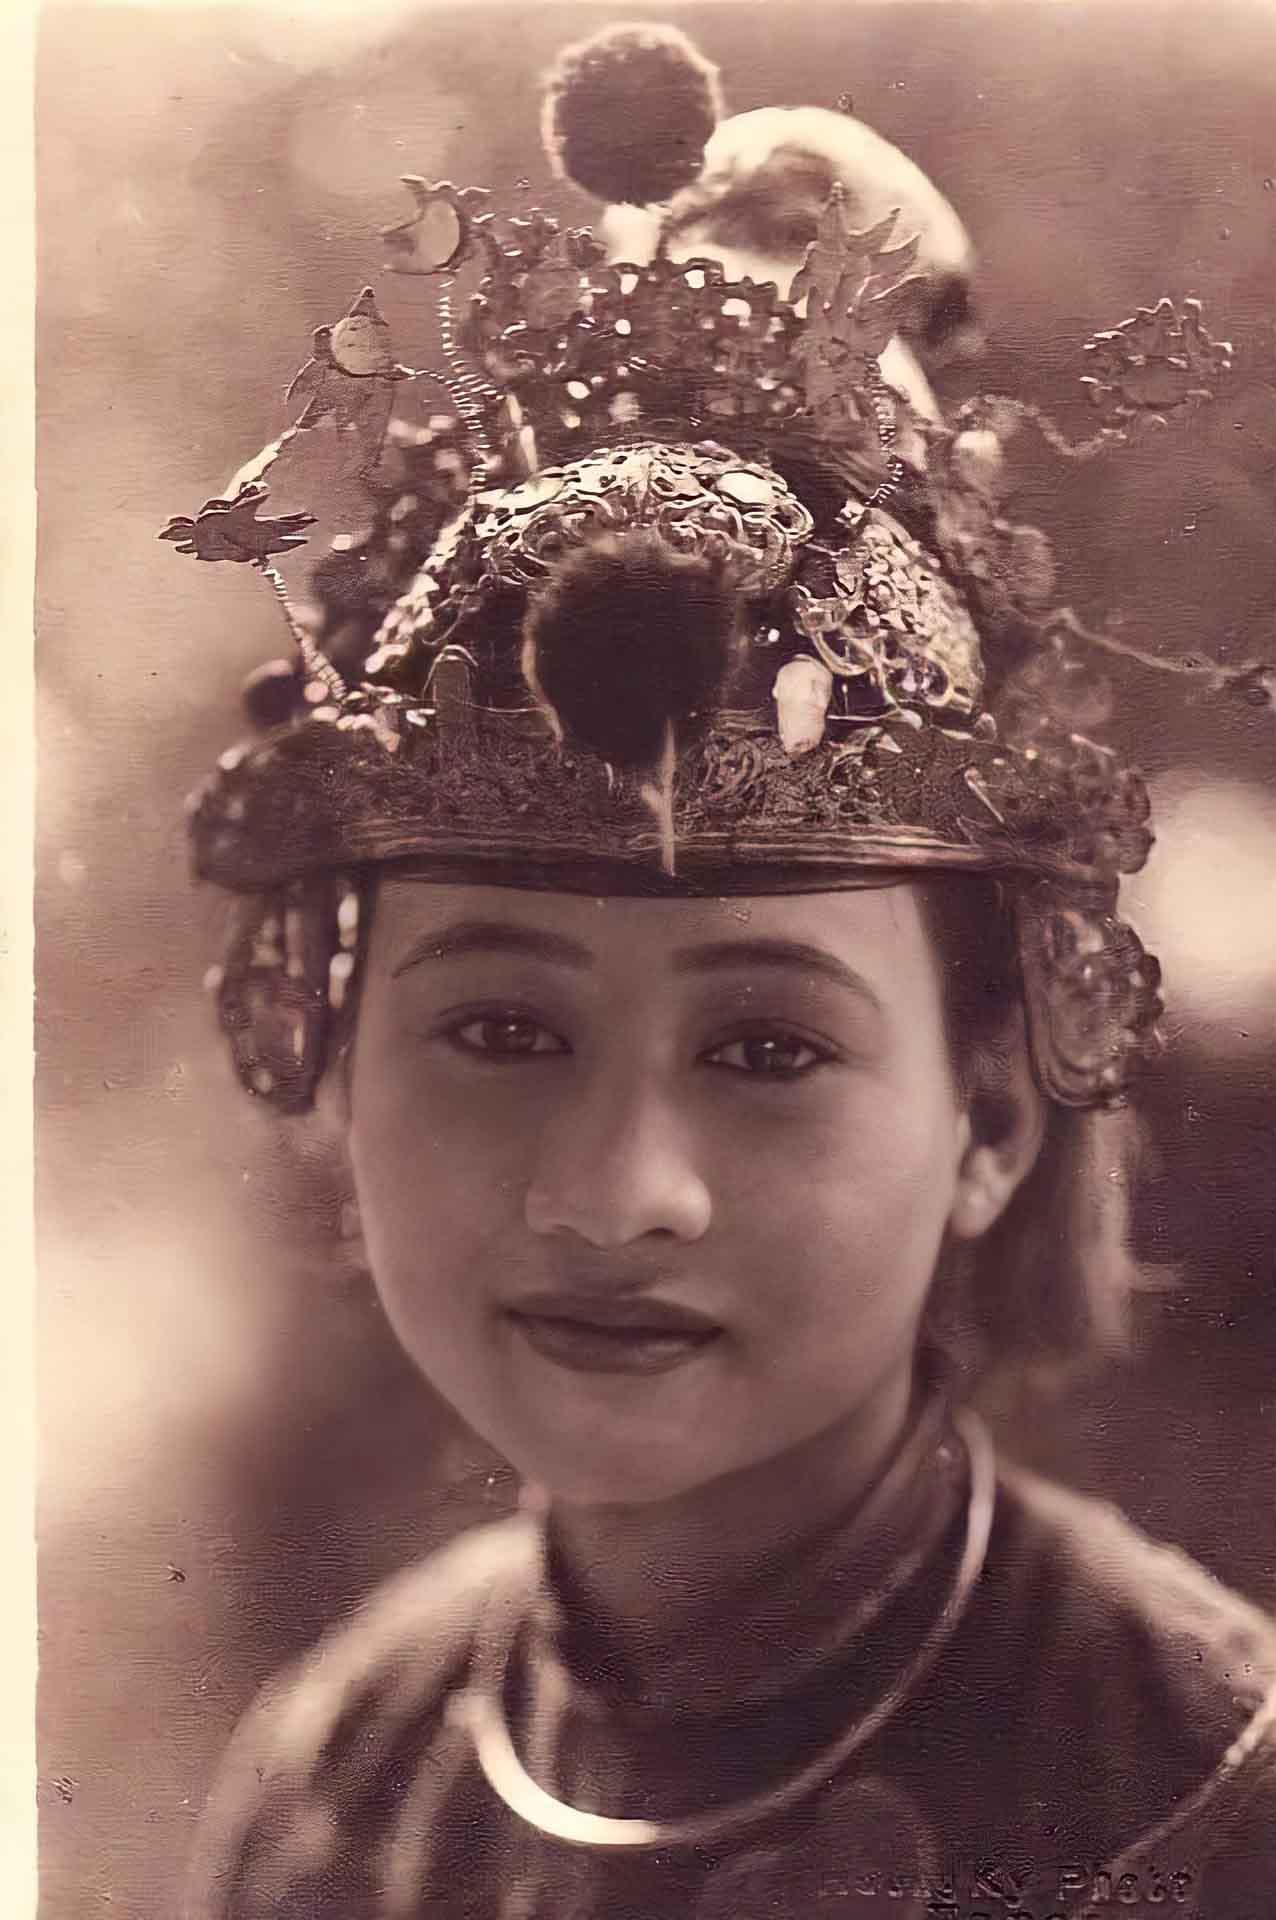 Mê mẩn loạt ảnh phục chế của những mỹ nhân Việt xưa sở hữu vẻ đẹp chuẩn mực - 3